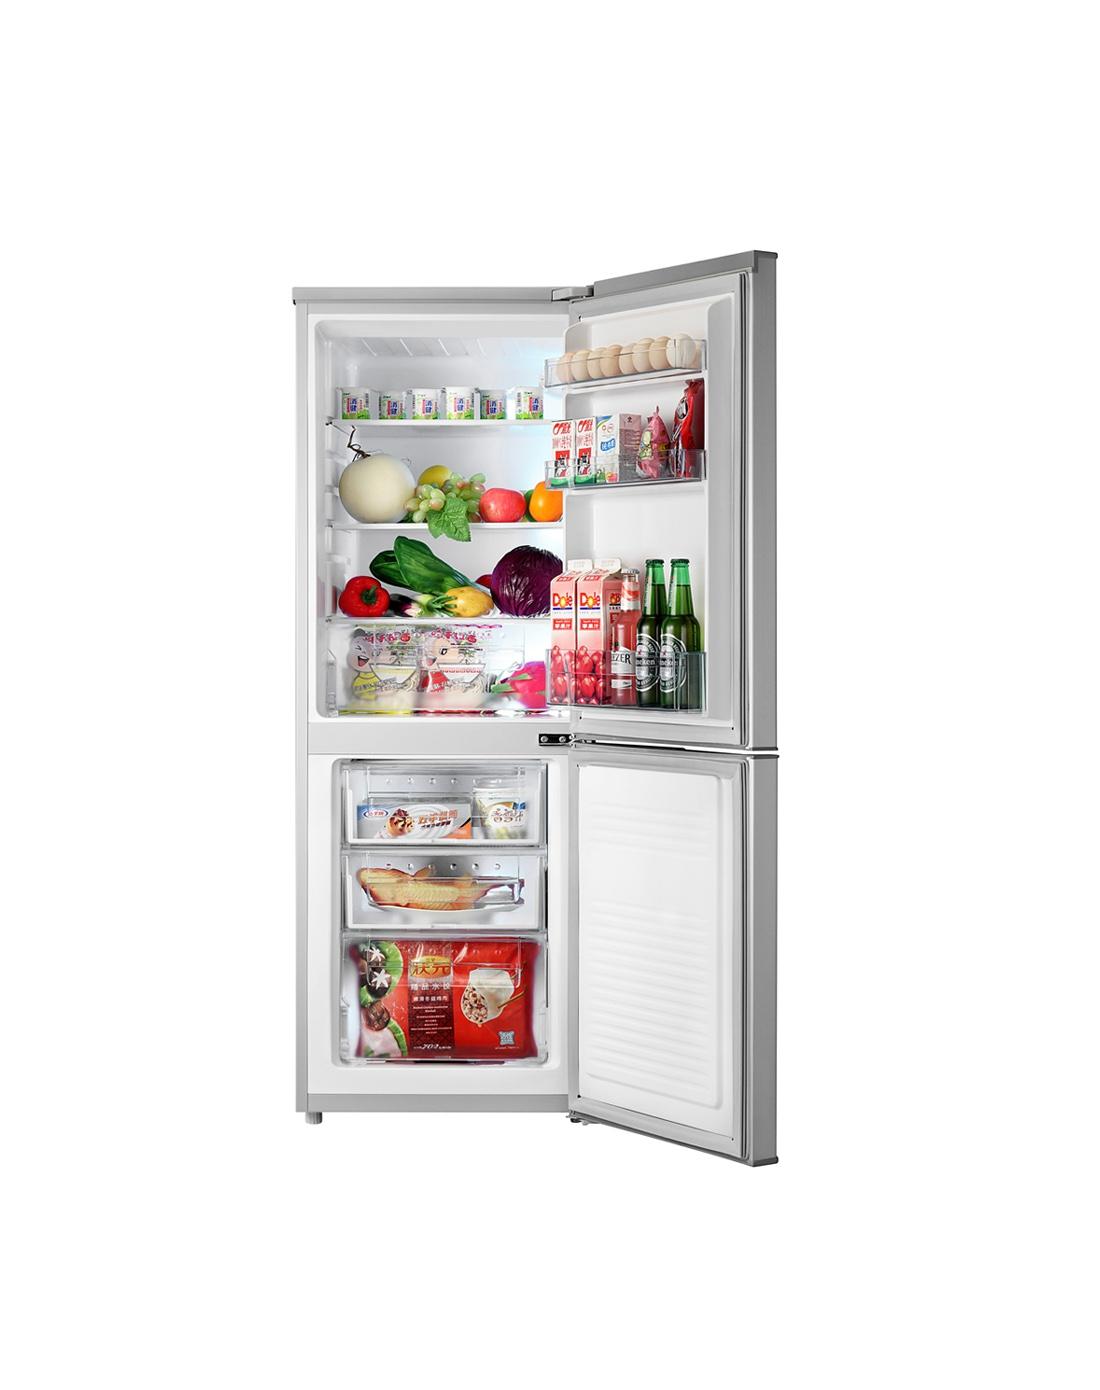 丝袜放冰箱里冷冻_冰箱速冻的东西适合放多长时间?-冰箱冷冻室里的东西能放多久?